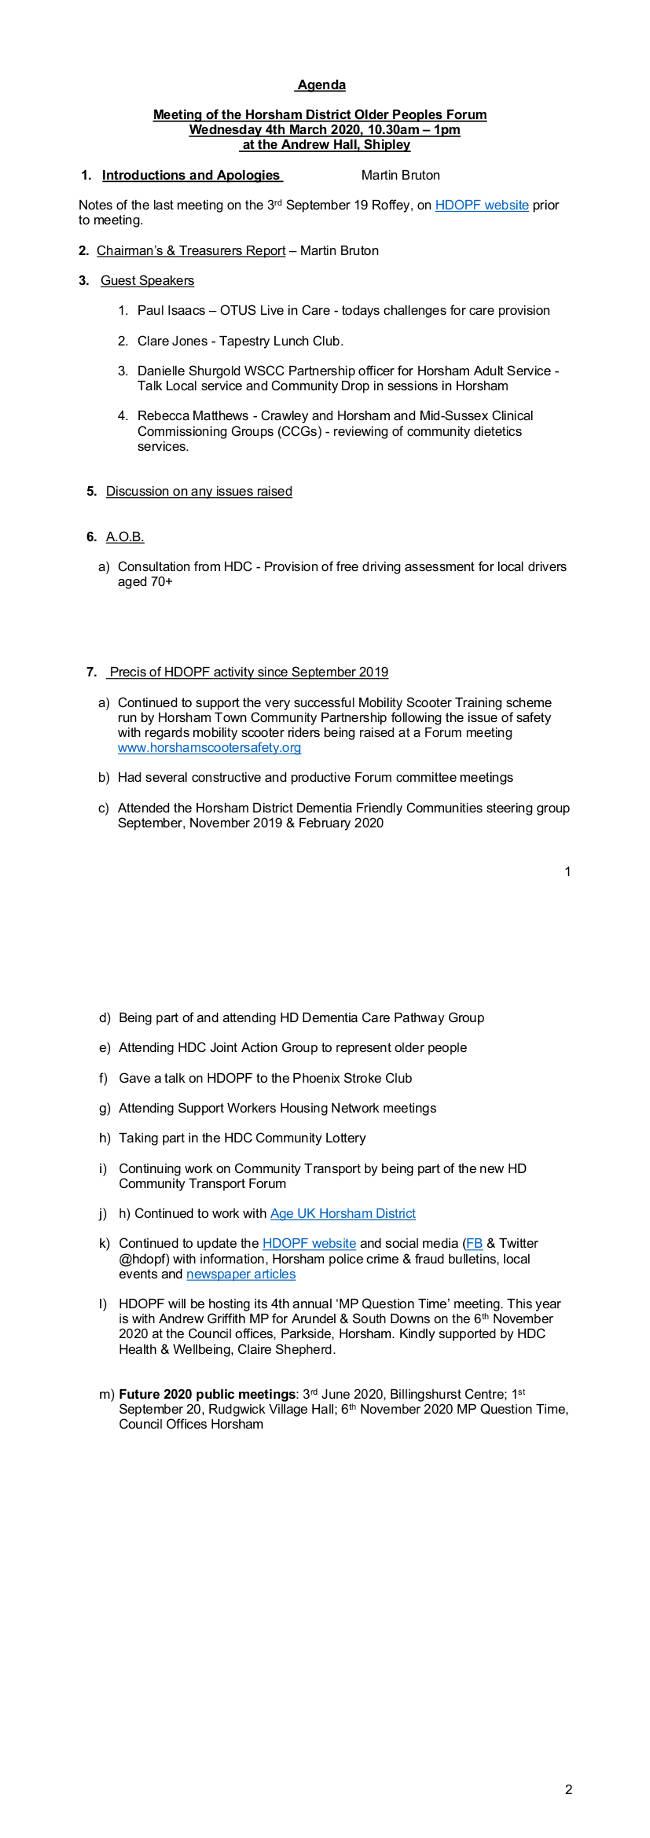 HDOPF agenda 4 March 2020